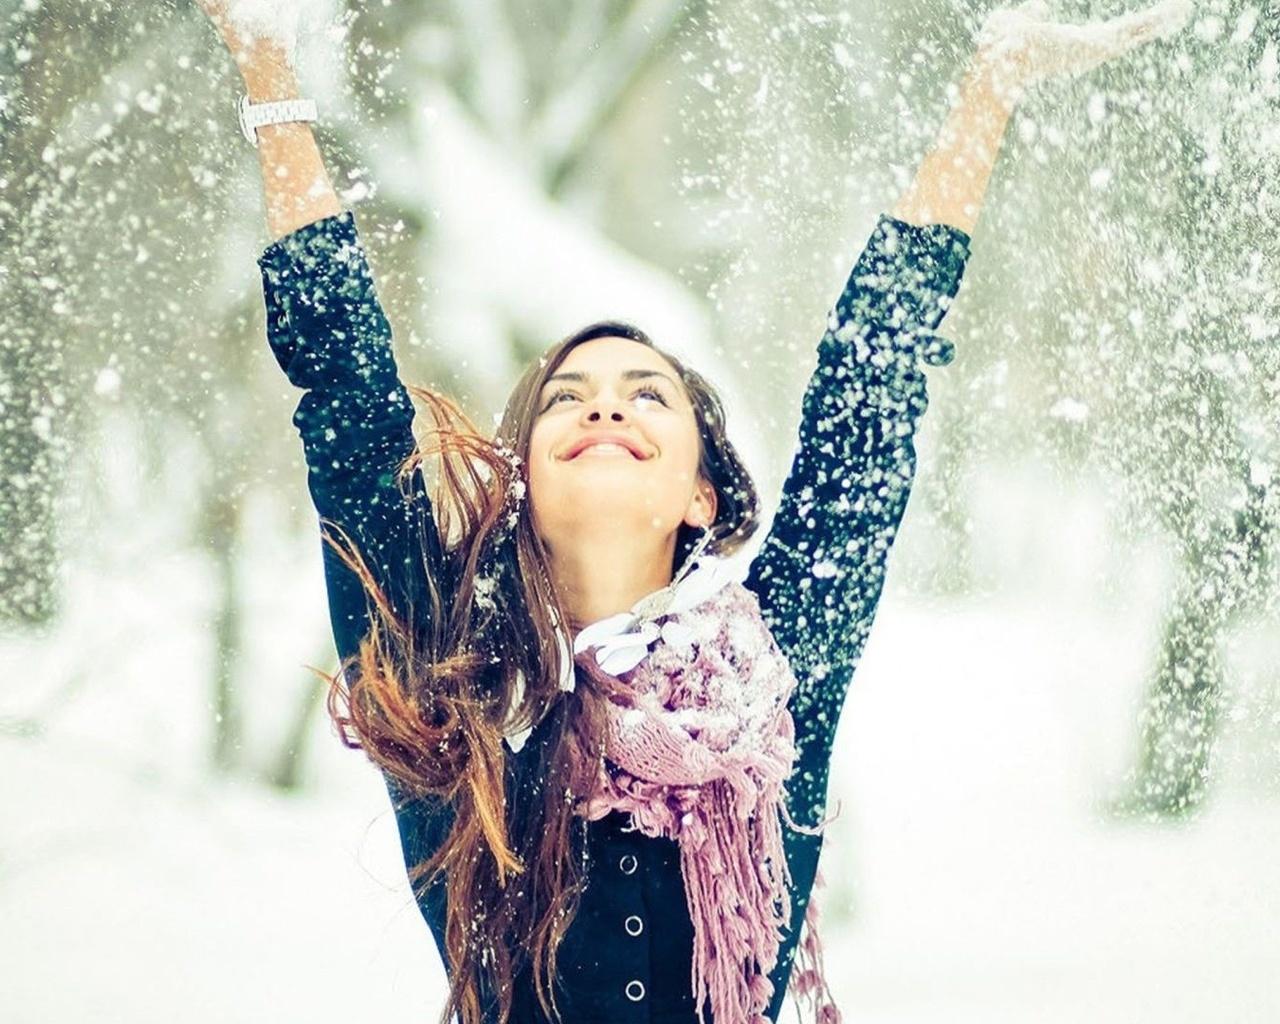 Вертикальное фото красоты зимы уитман долго